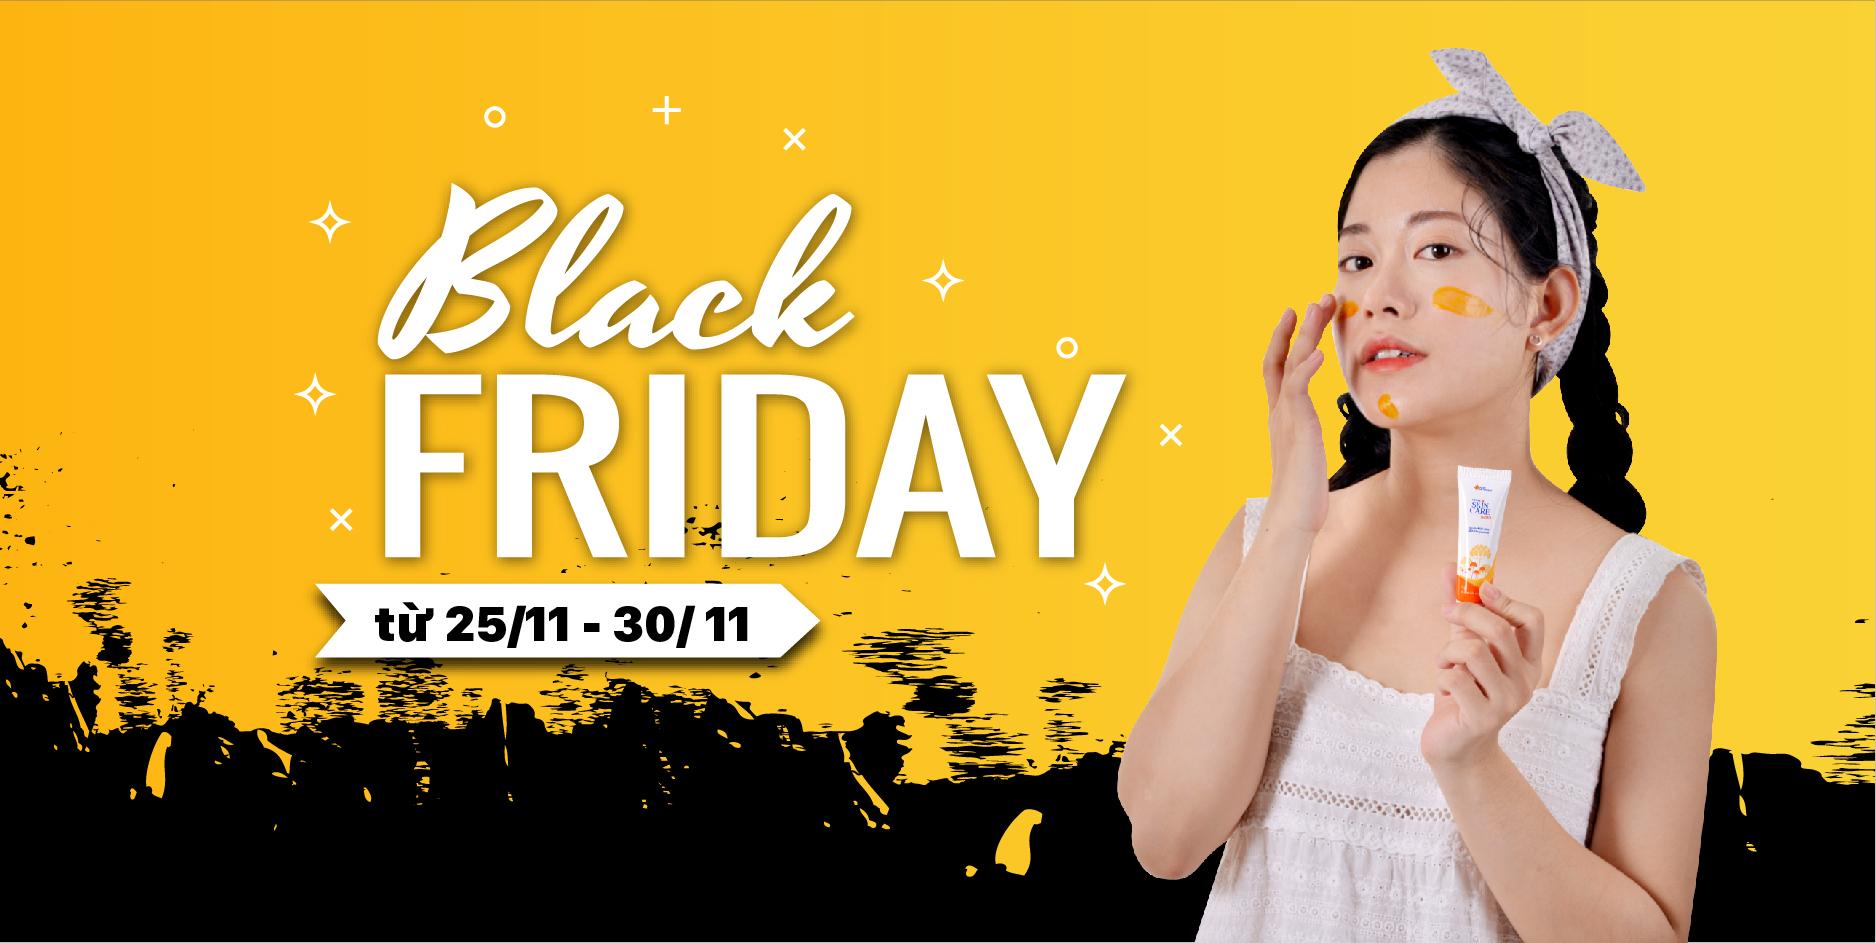 BLACK FRIDAY: Sale sập sàn chỉ một lần duy nhất giá 7̶5̶.̶0̶0̶0̶ ̶V̶N̶Đ̶ chỉ còn 70.000 VNĐ & tặng 10.000 gương xinh đa năng 1